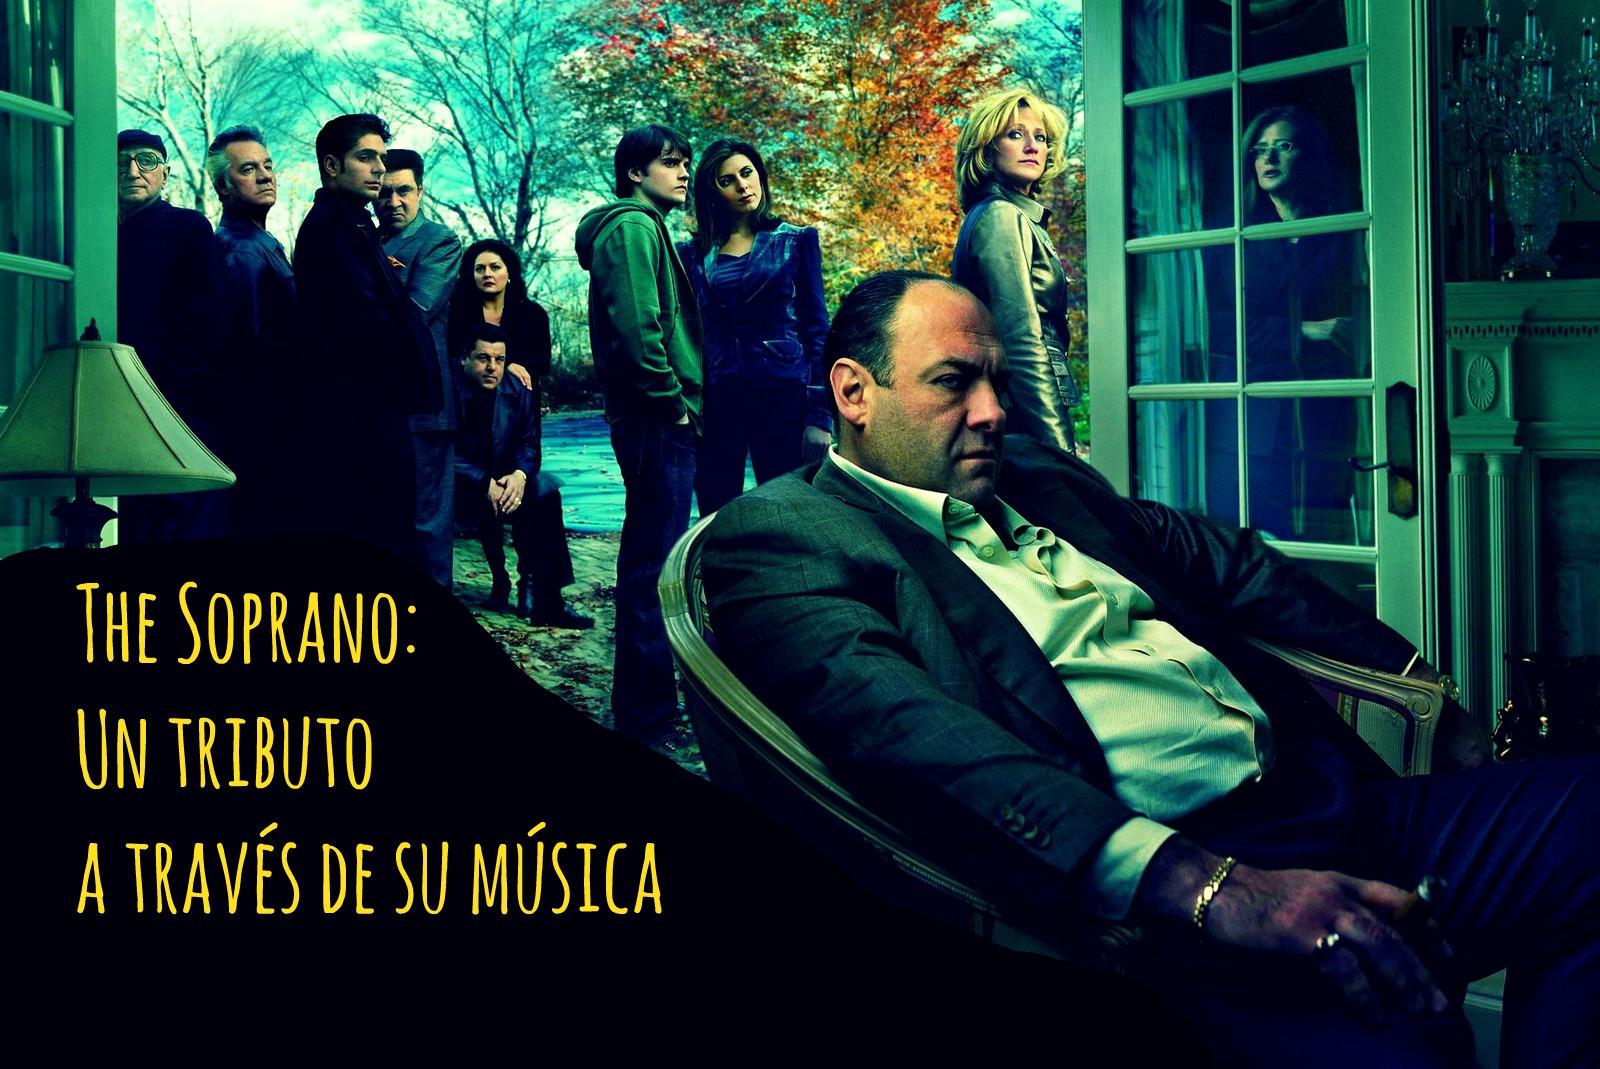 The Soprano: un tributo a través de su música